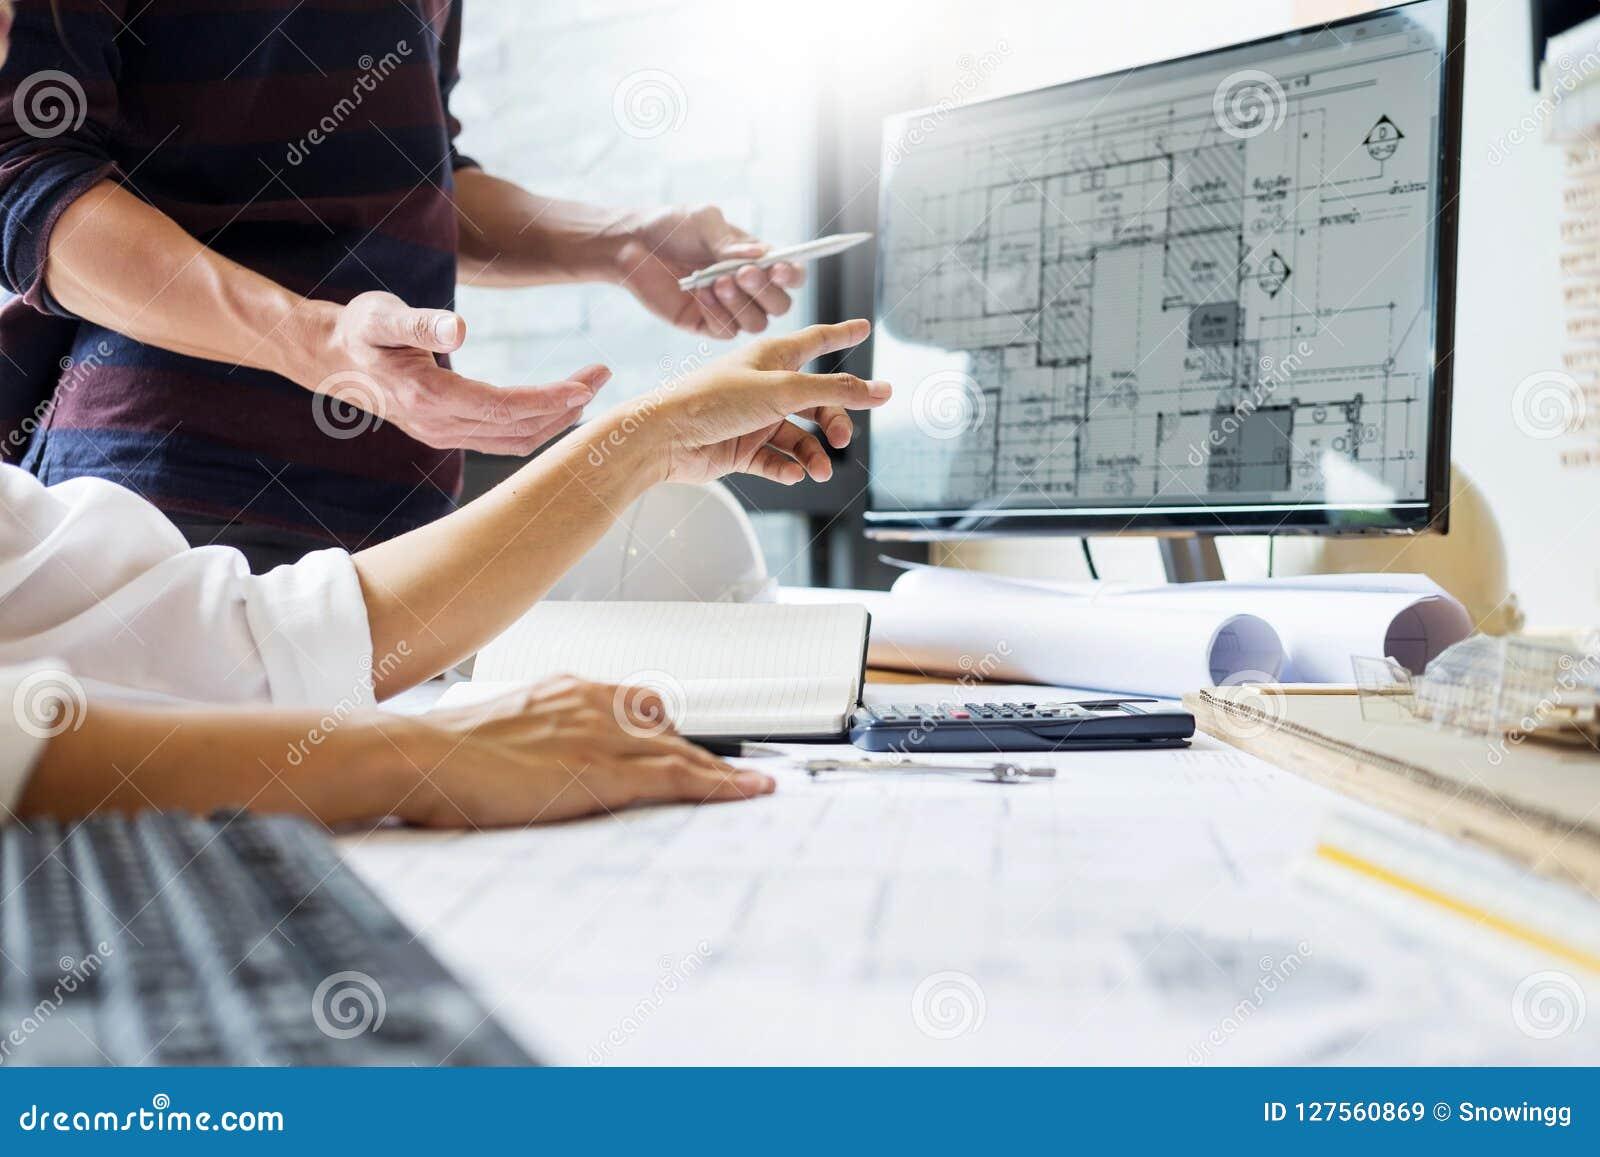 Professioneel structureel de ingenieursteam van de architectenontwerper colleag